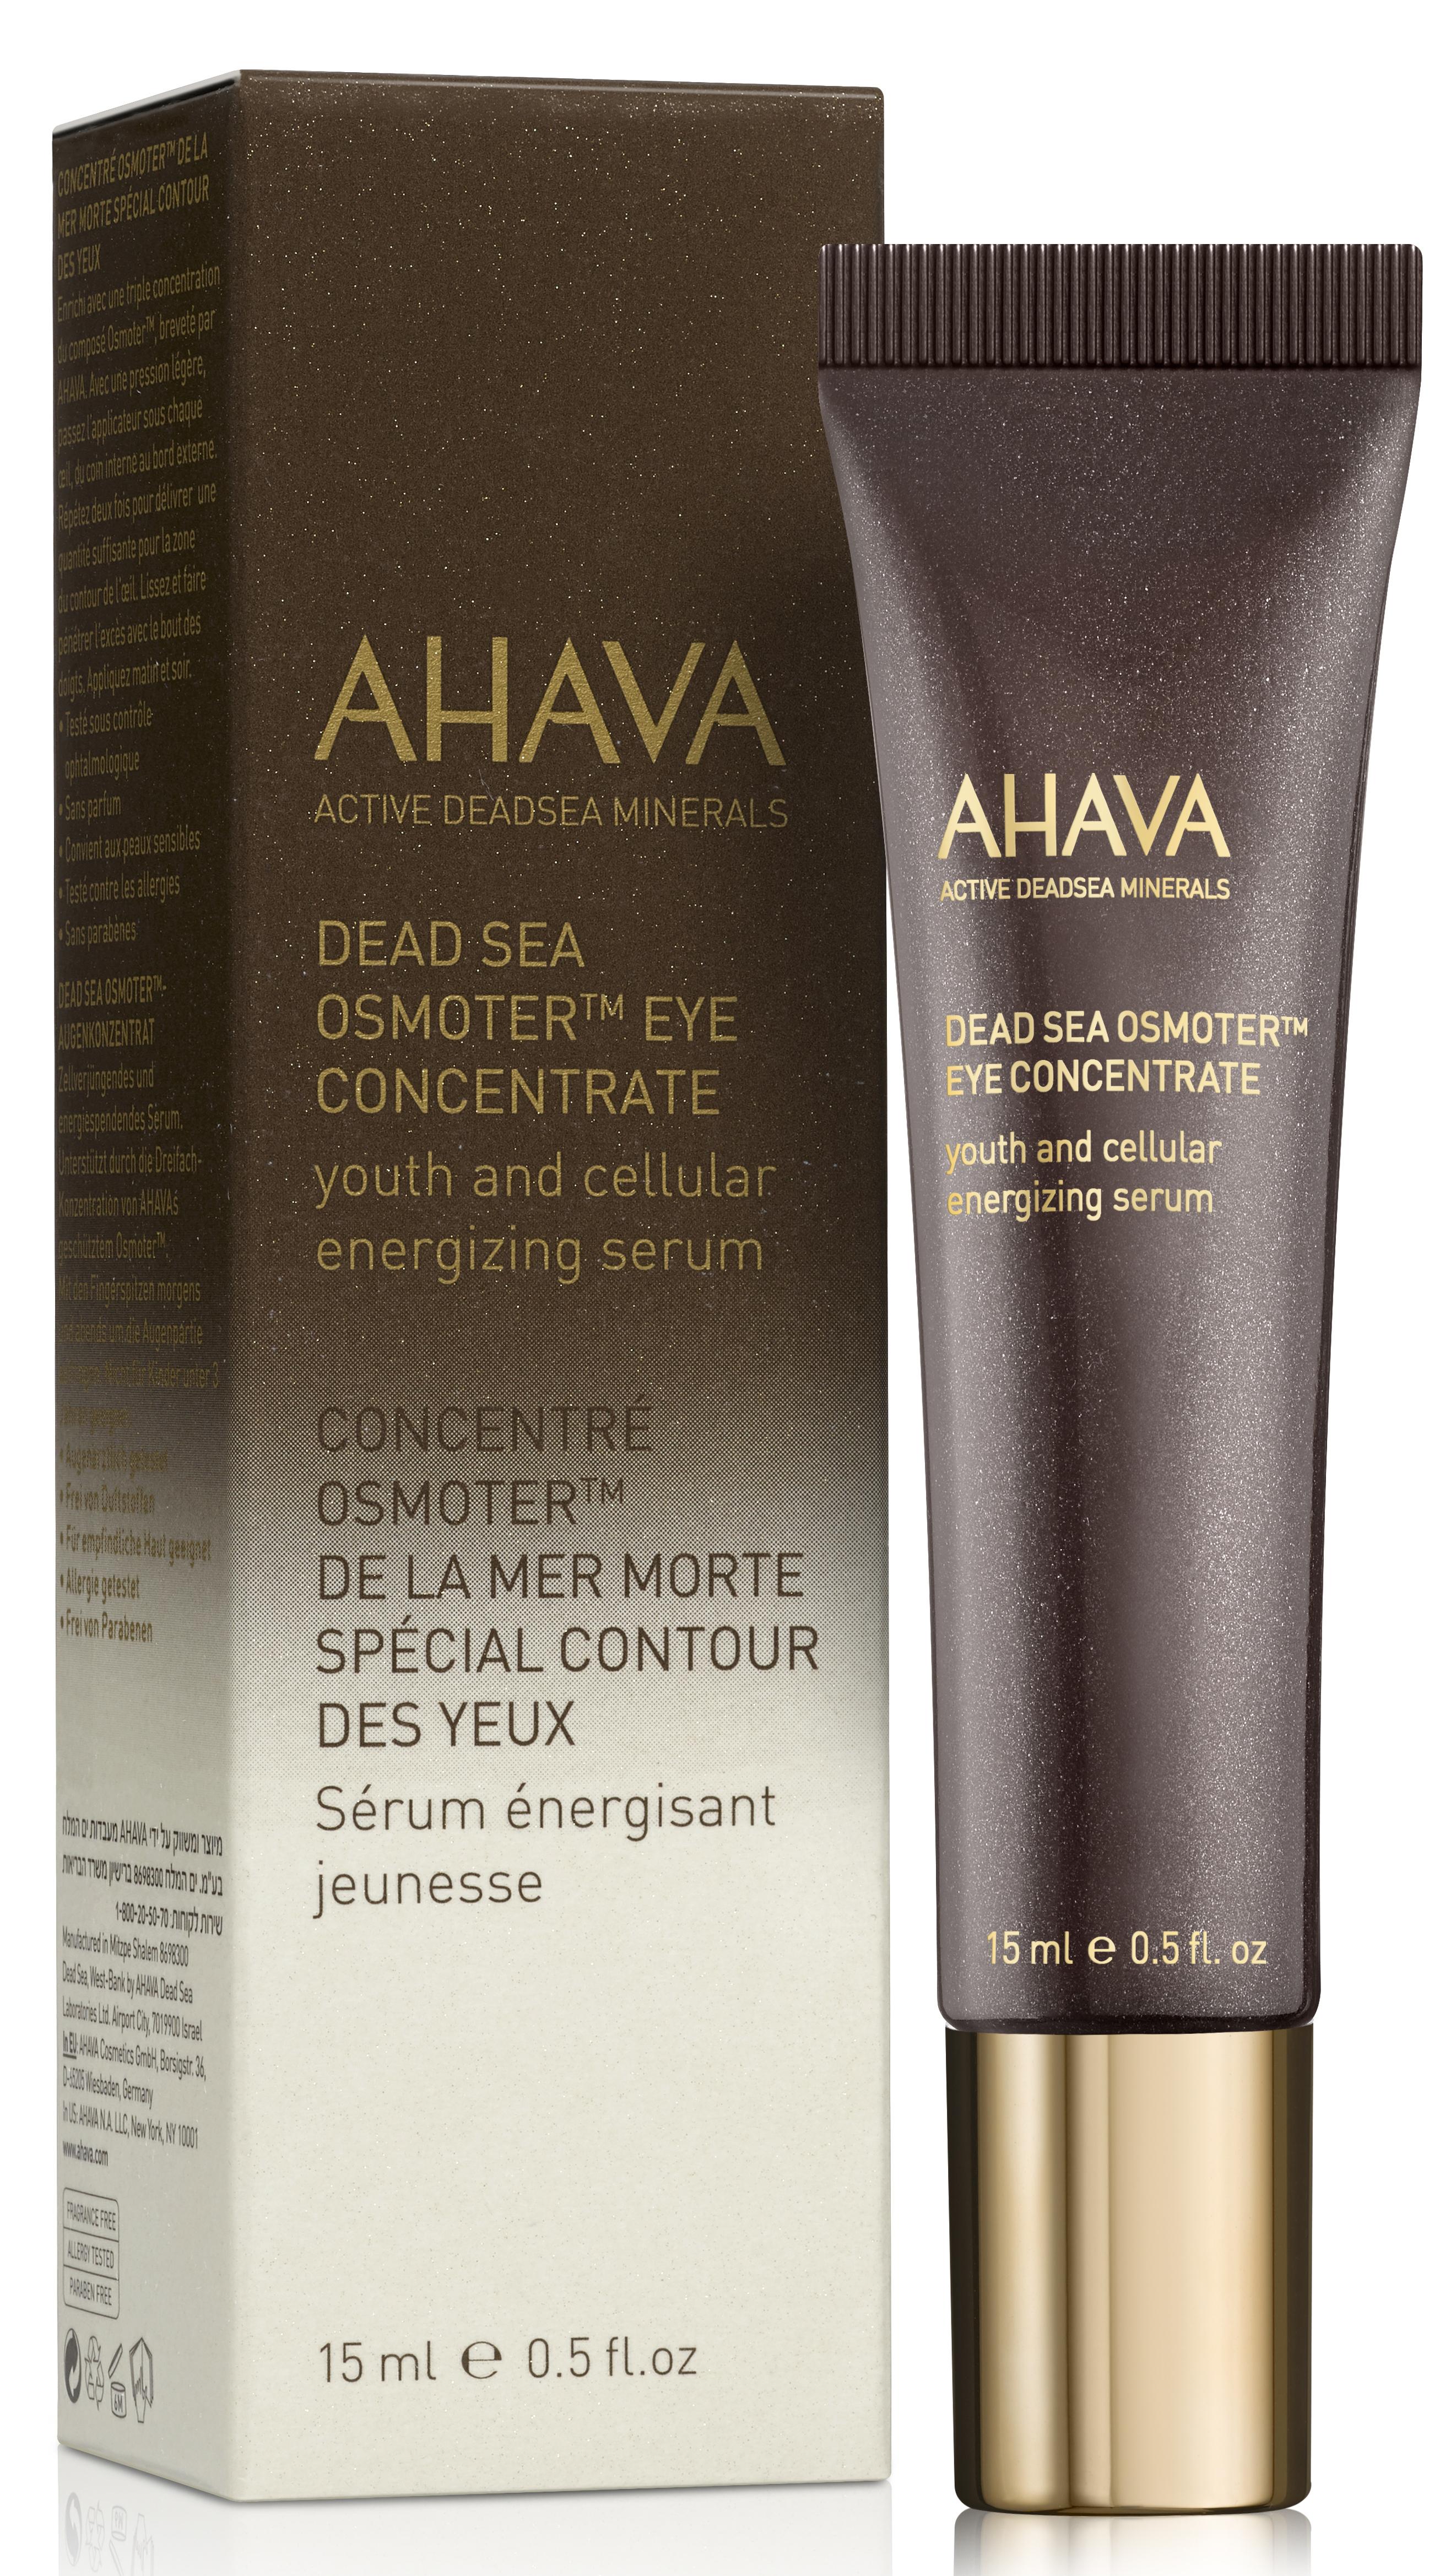 Купить AHAVA Концентрат минералов мертвого моря для глаз / Osmoter Dsoc 15 мл